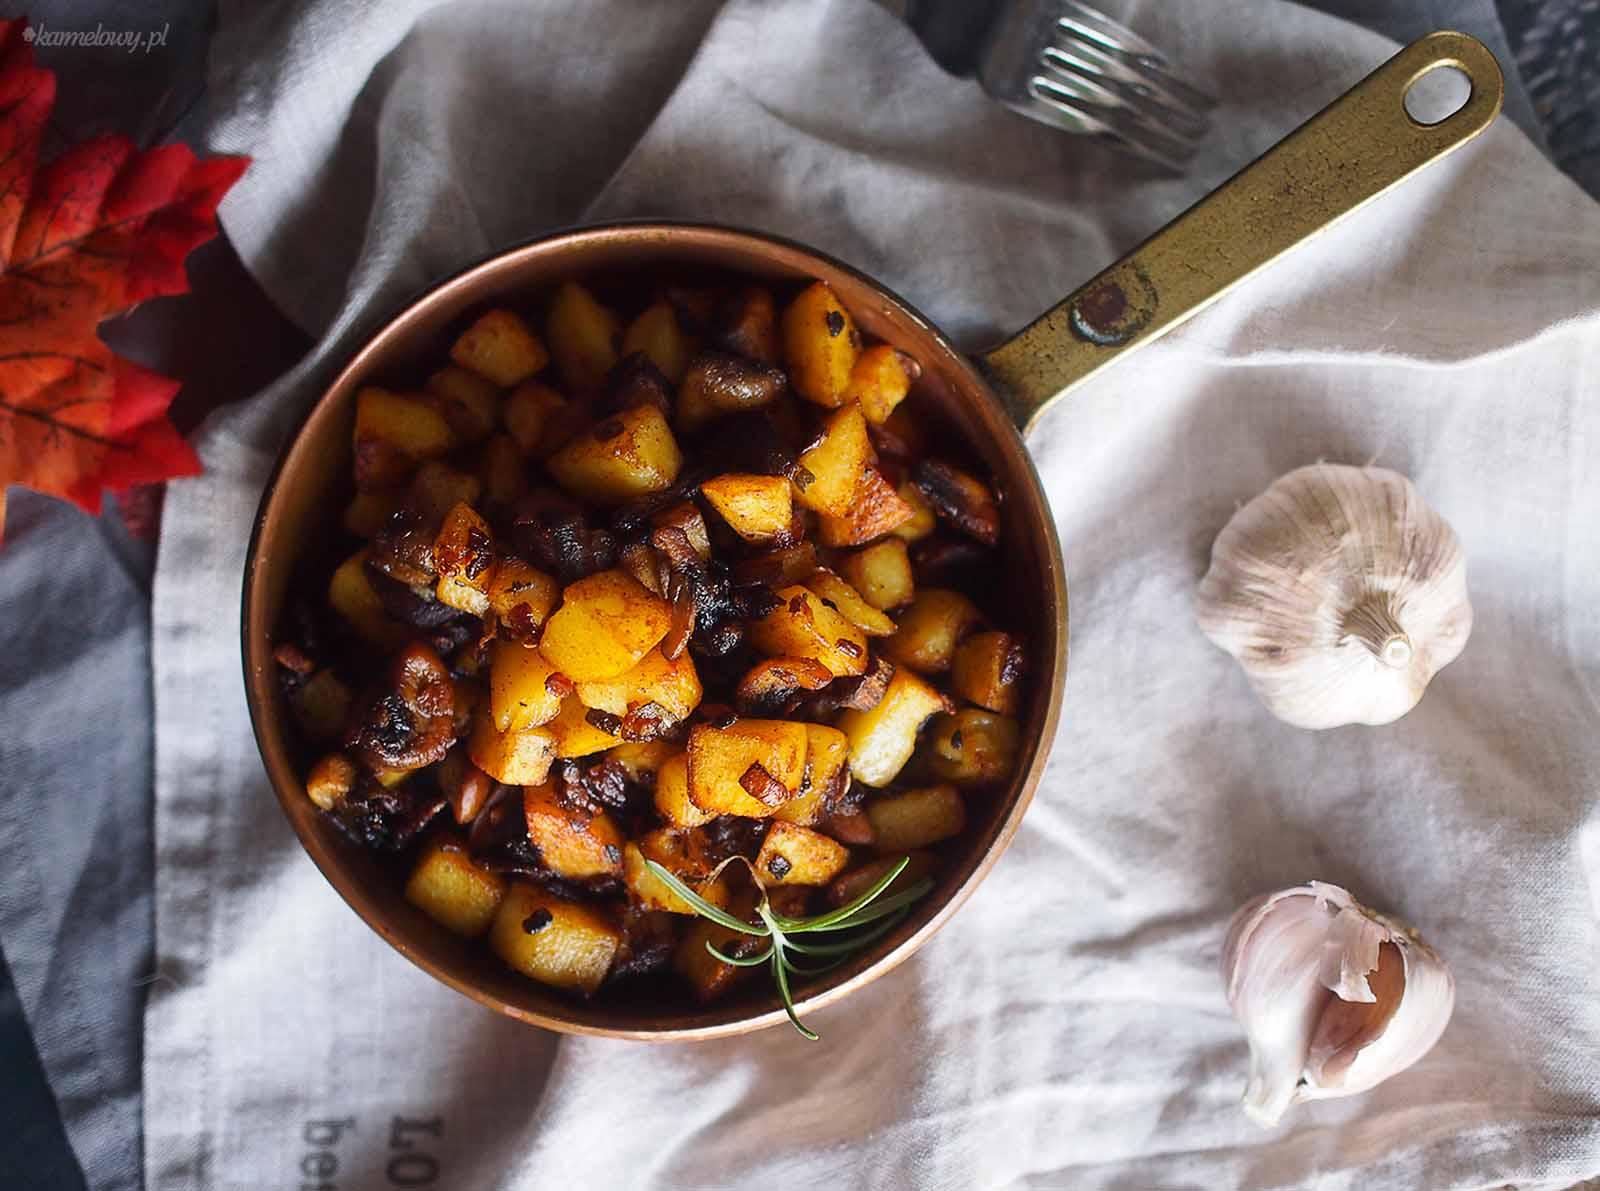 Ziemniaki-smazone-z-grzybami-Potato-mushroom-hash